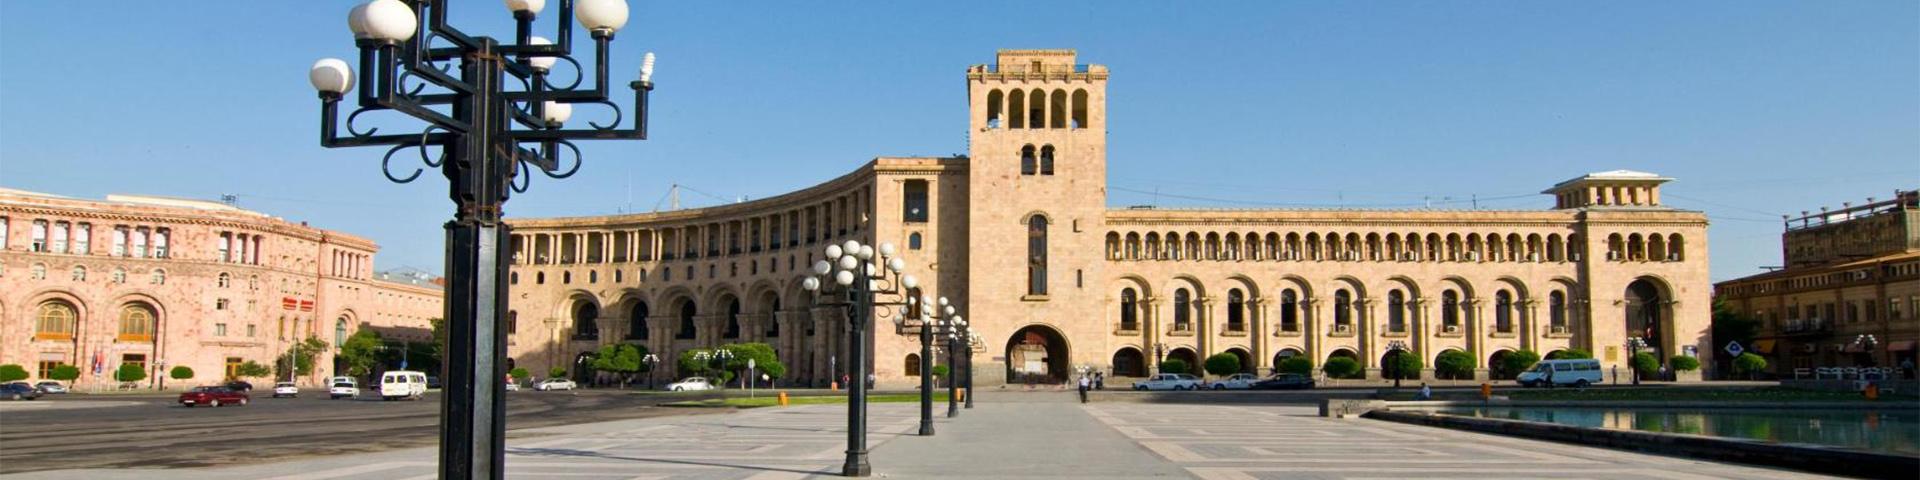 بنر میدان جمهوری ارمنستان